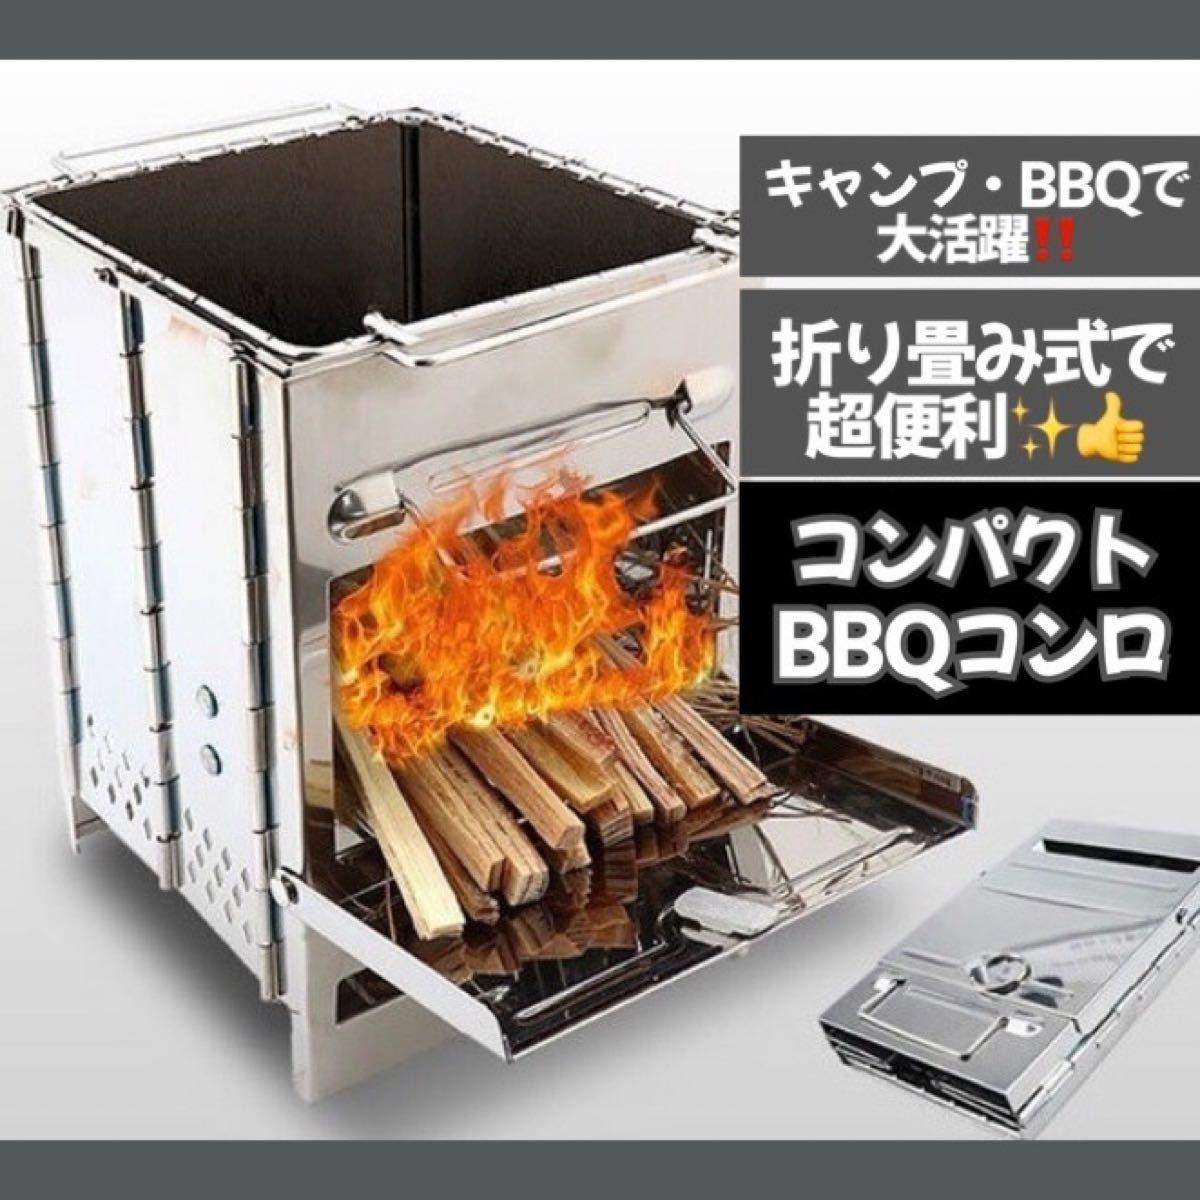 小型バーベキューコンロ 薪ストーブ 一人キャンプ アウトドア グリル BBQ ソロキャンプ